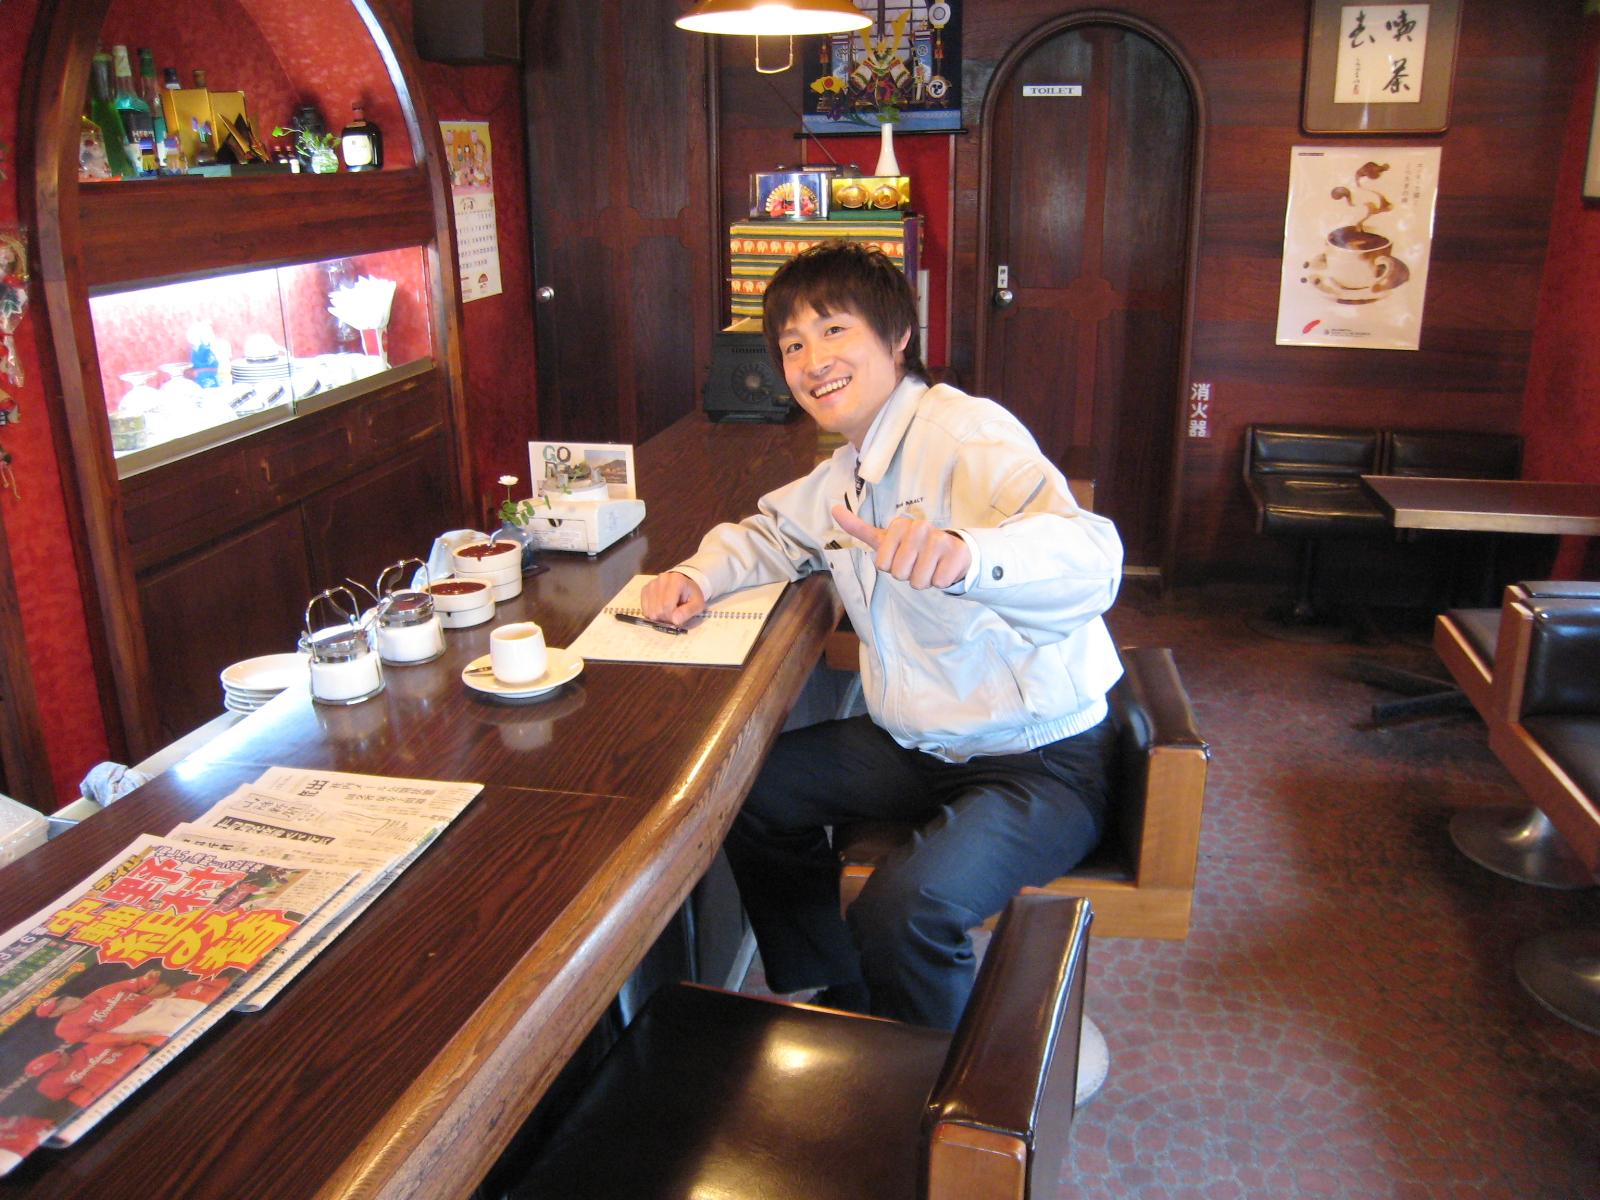 福山市鞆町のカフェ・喫茶店「喫茶ゴロー」